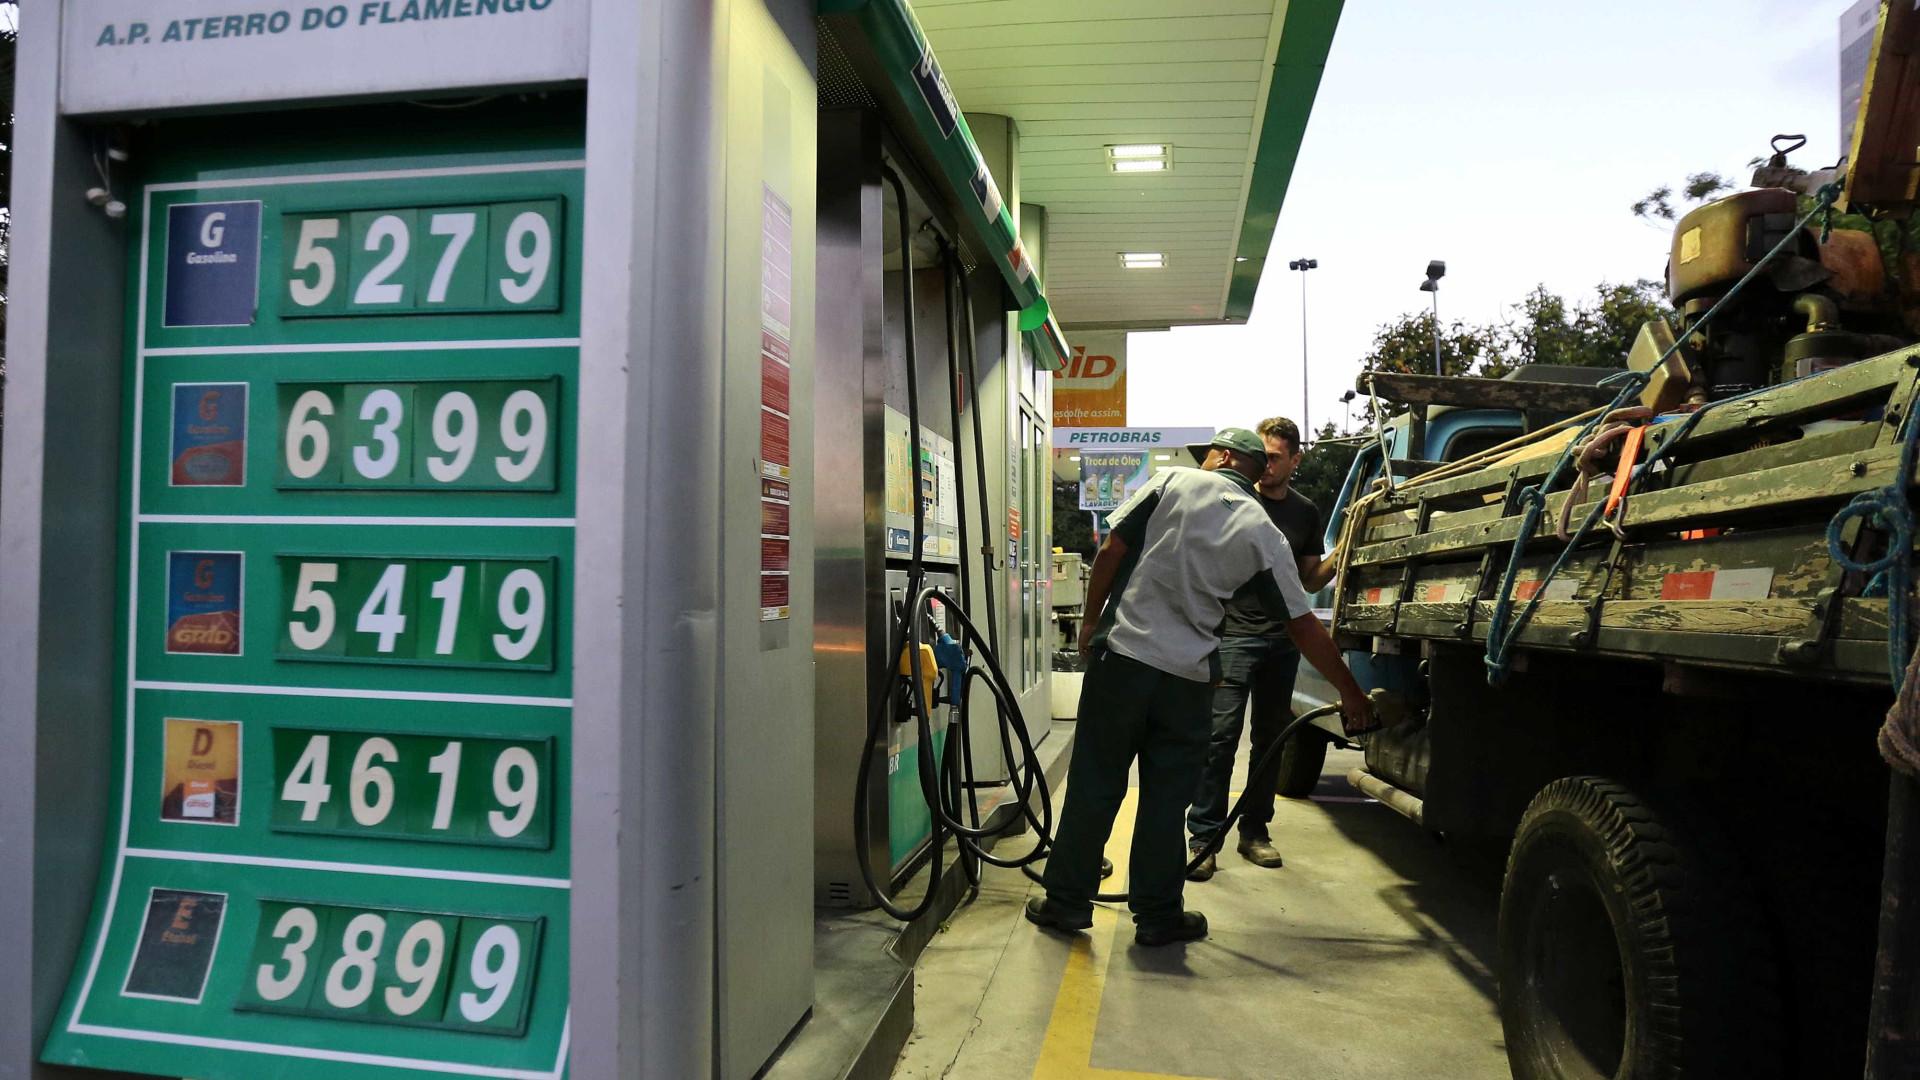 Postos que não reduzirem diesel podem pagar até R$ 9,4 milhões de multa